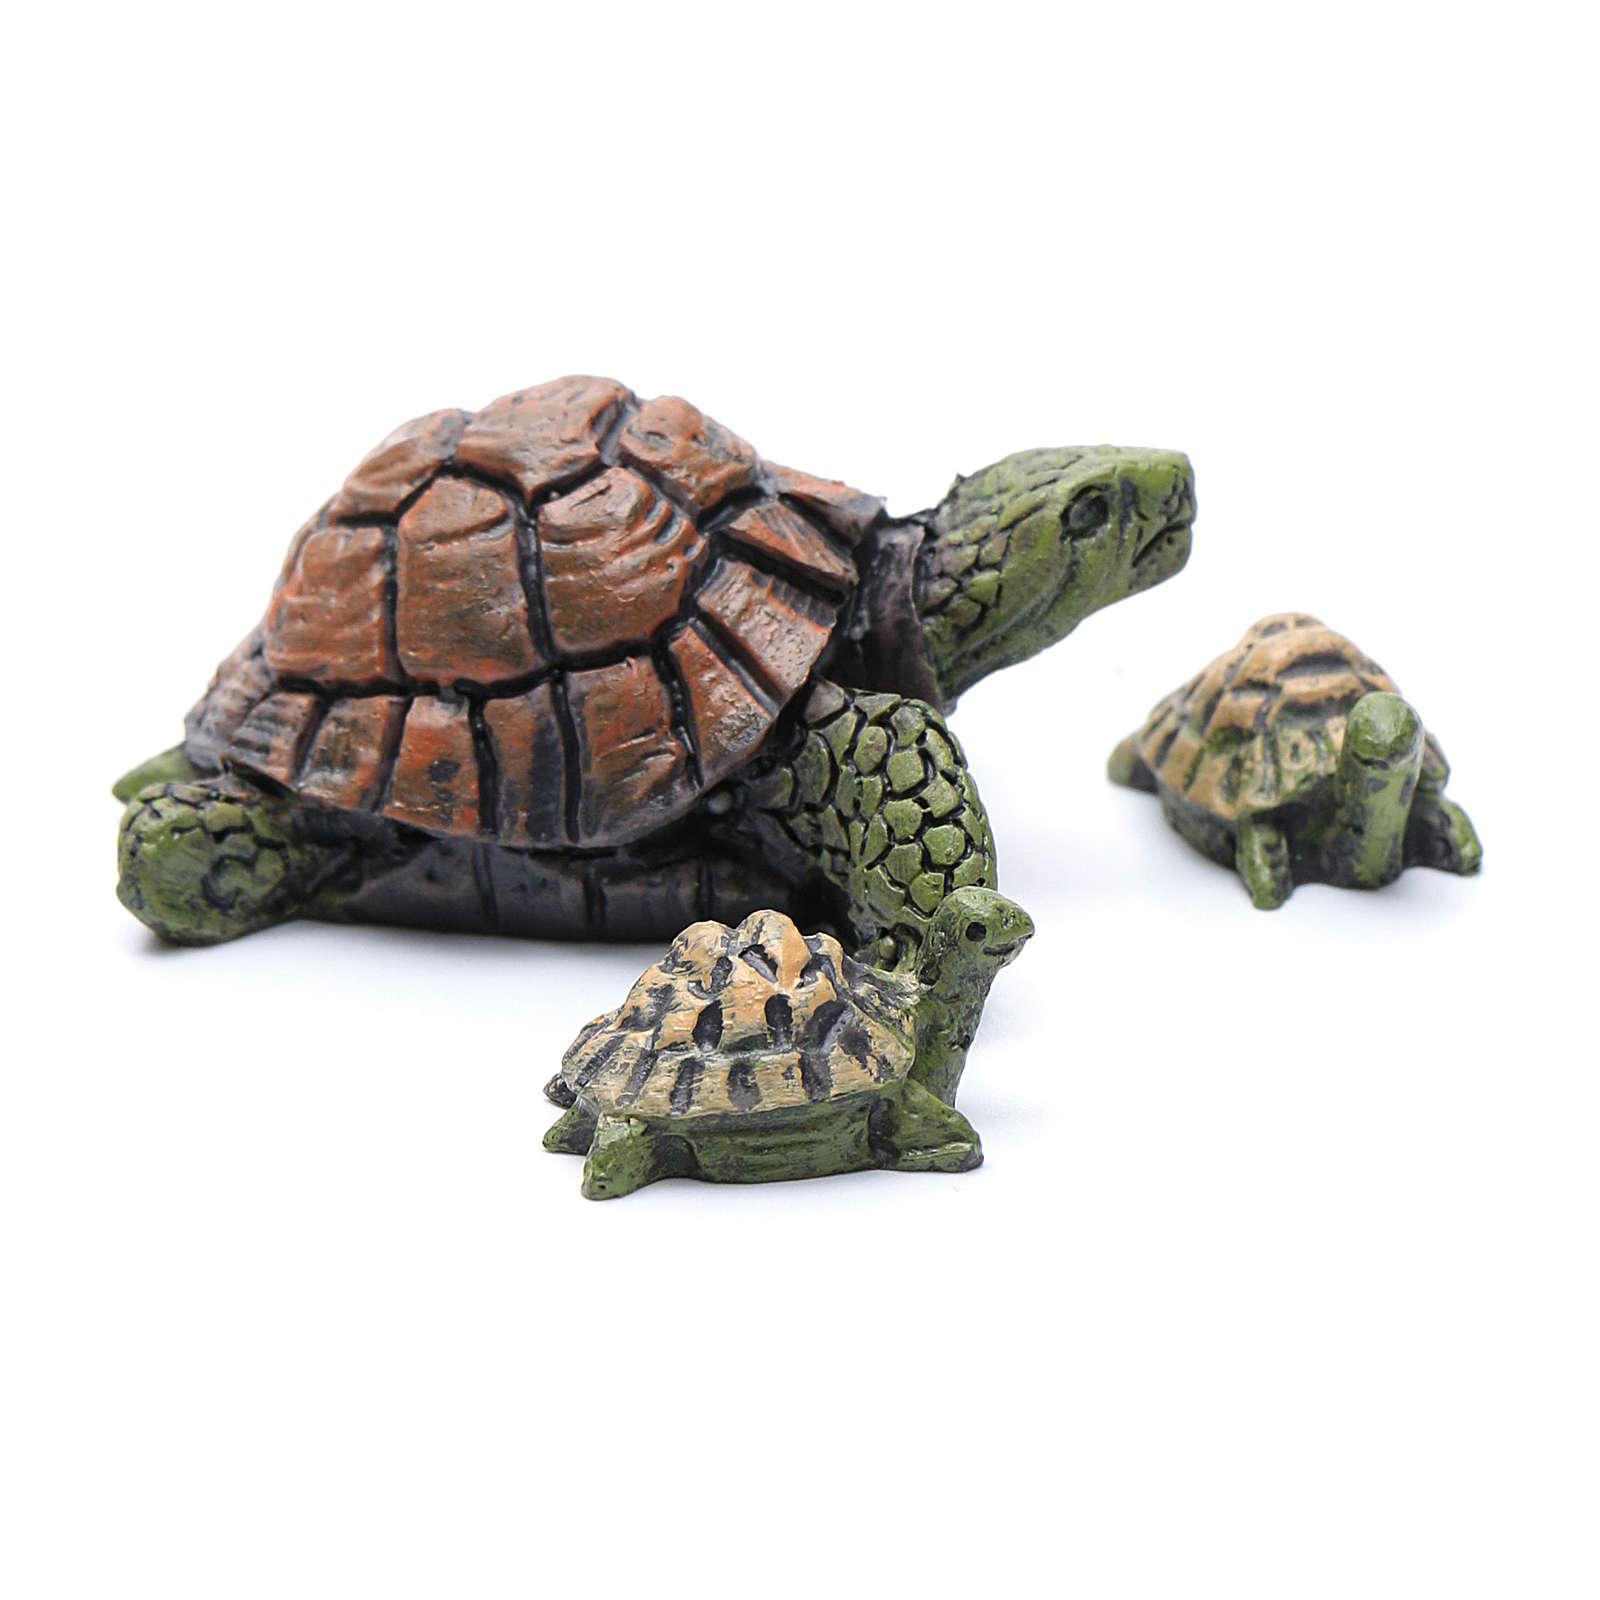 Żółwie do szopki żywica 3 szt. wys. rzeczywista 2-4 cm 3